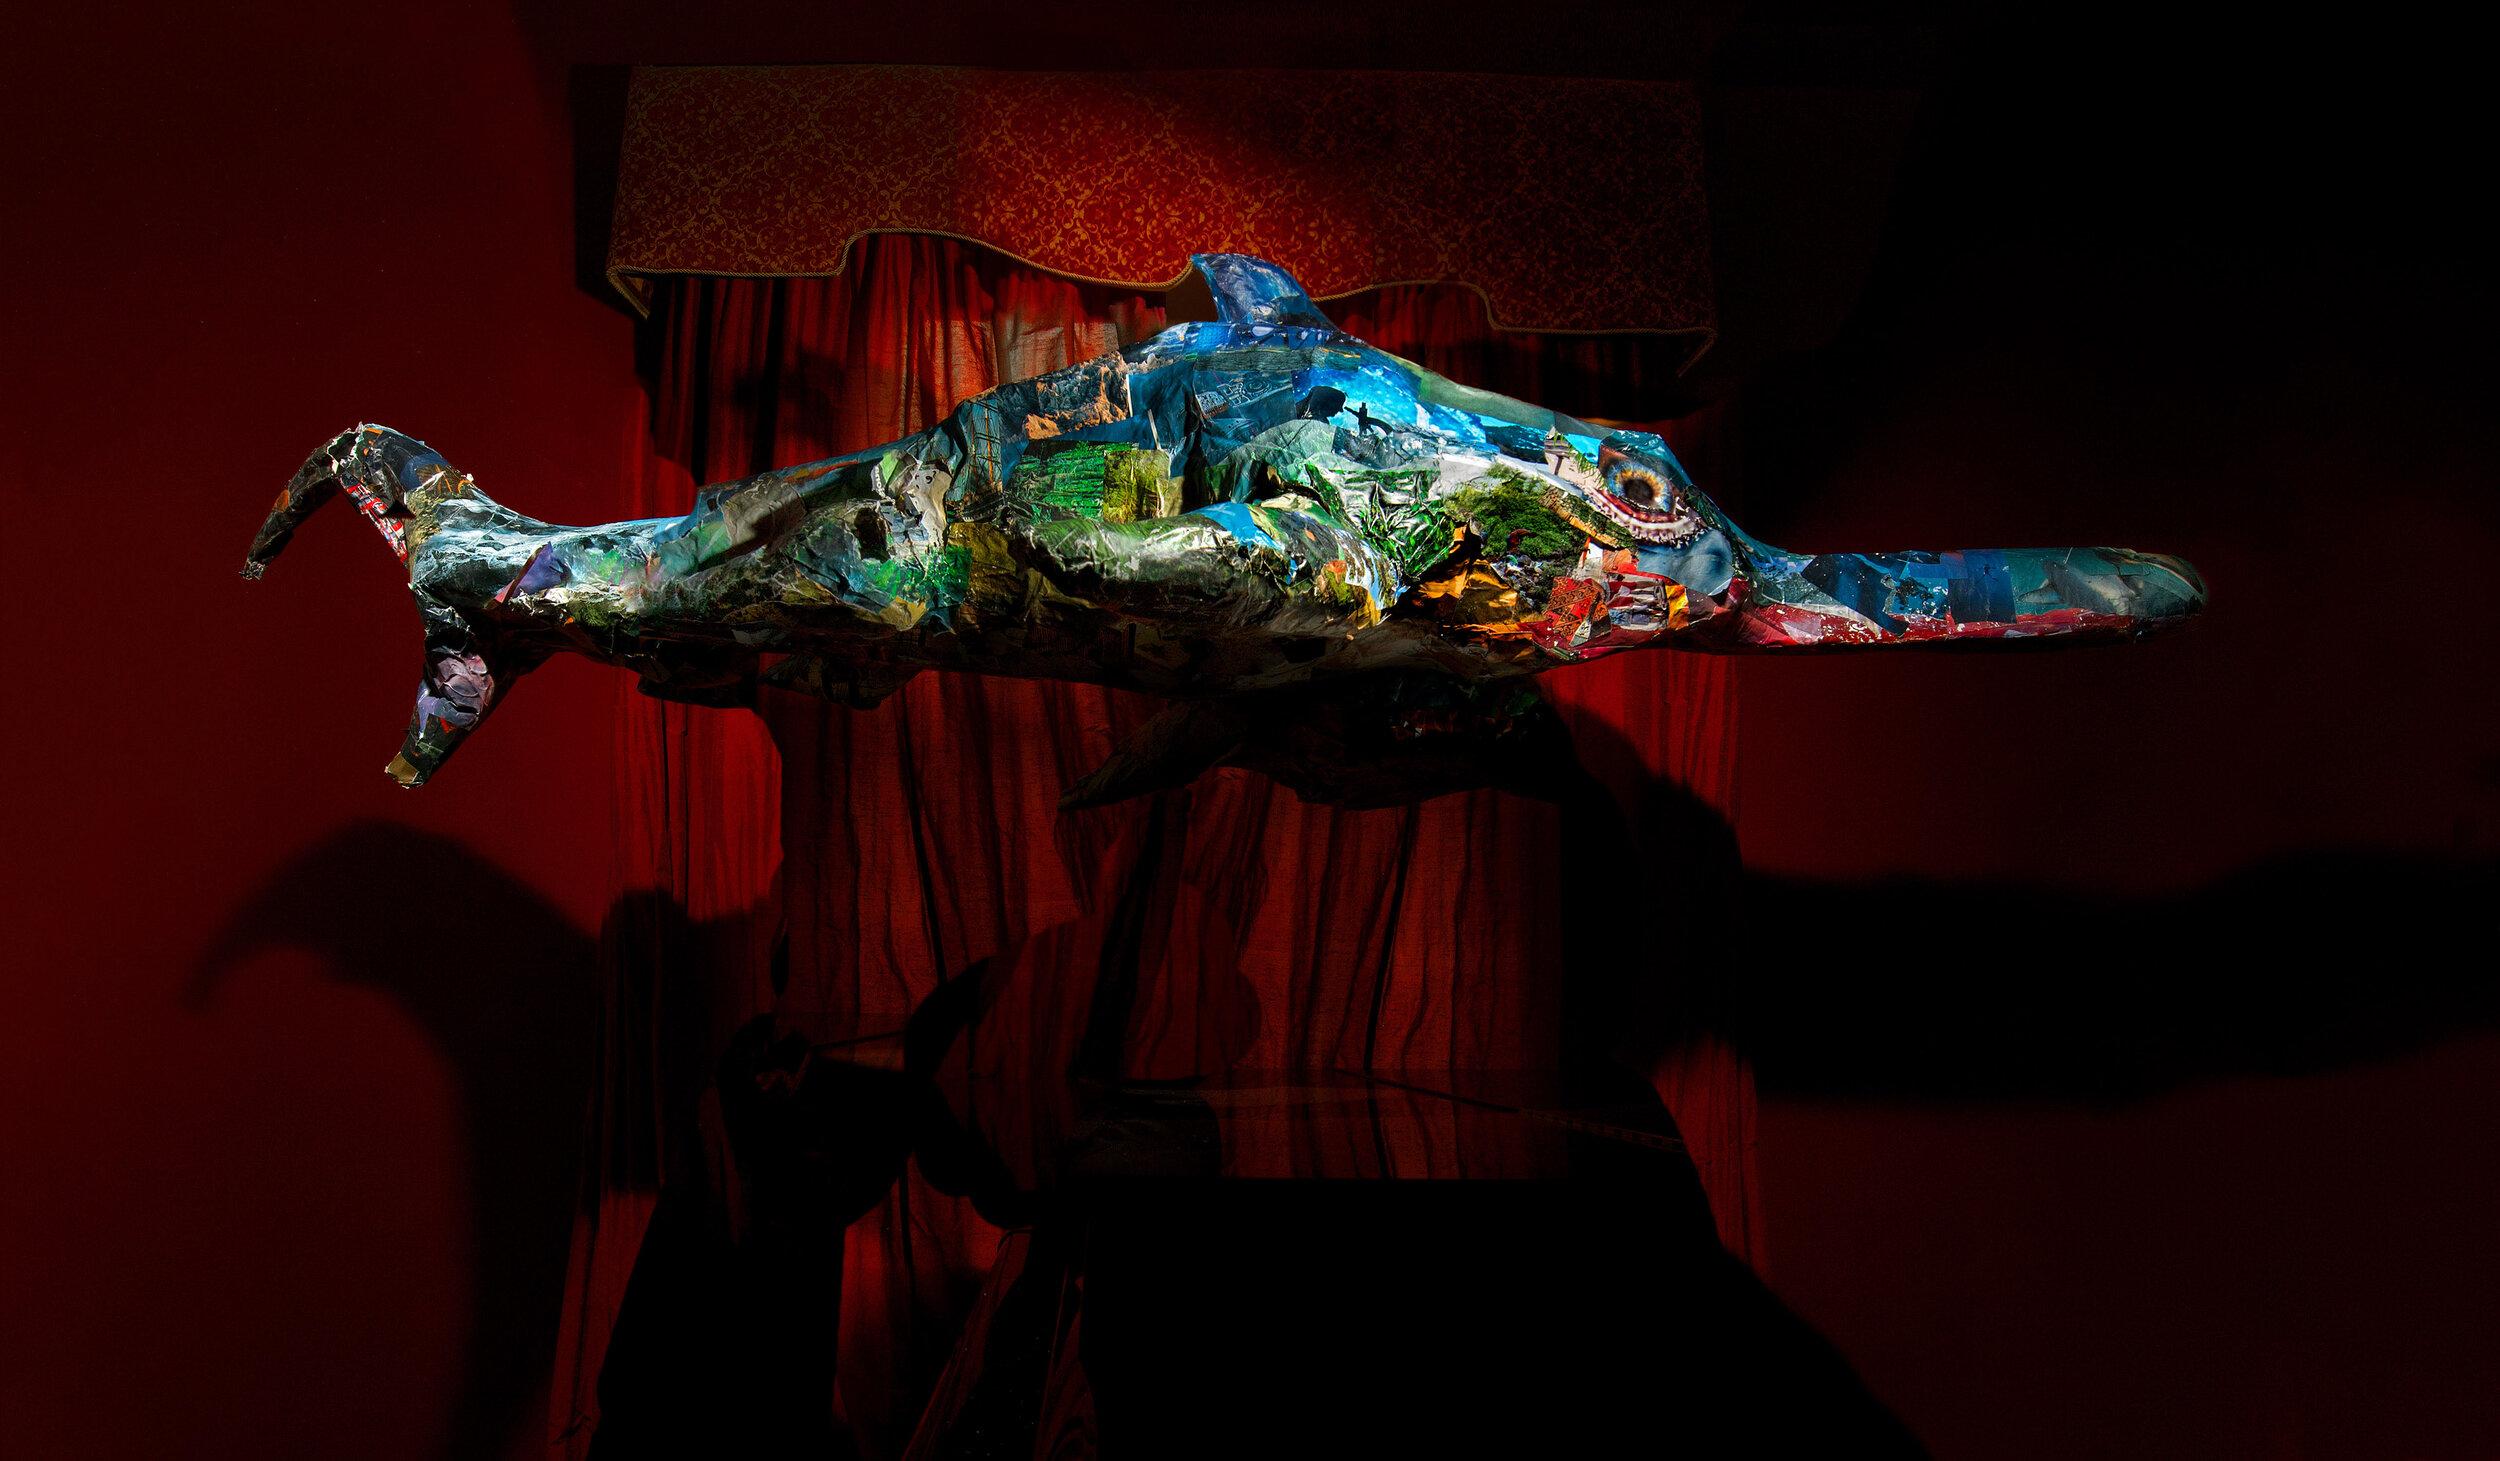 Emmaline Zanelli,  Looks Like A Fish, Tastes Like A Lizard , 2018, inkjet print, 600mm x 400mm. Courtesy the artist.